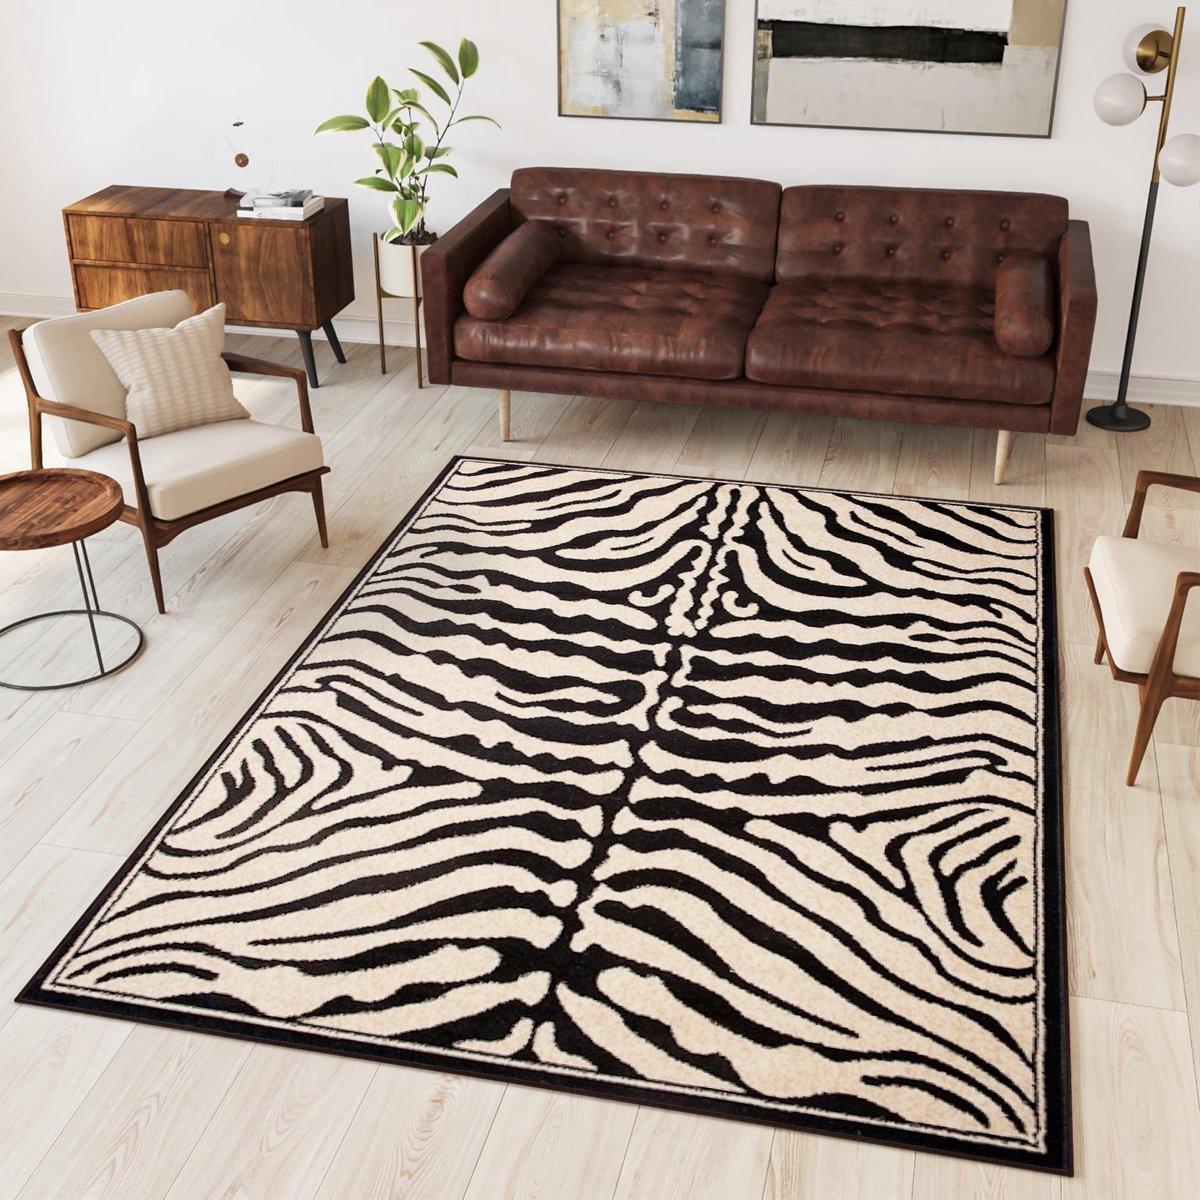 Tapiso Atlas Pp Vloerkleed Woonkamer Slaapkamer Zwart Wit Zebra Modern Woonsfeer Design Interieur Hoogwaardig Duurzaam Tapijt Maat 220 X 300 Cm Op De Prijzenvolger De Prijzenvolger